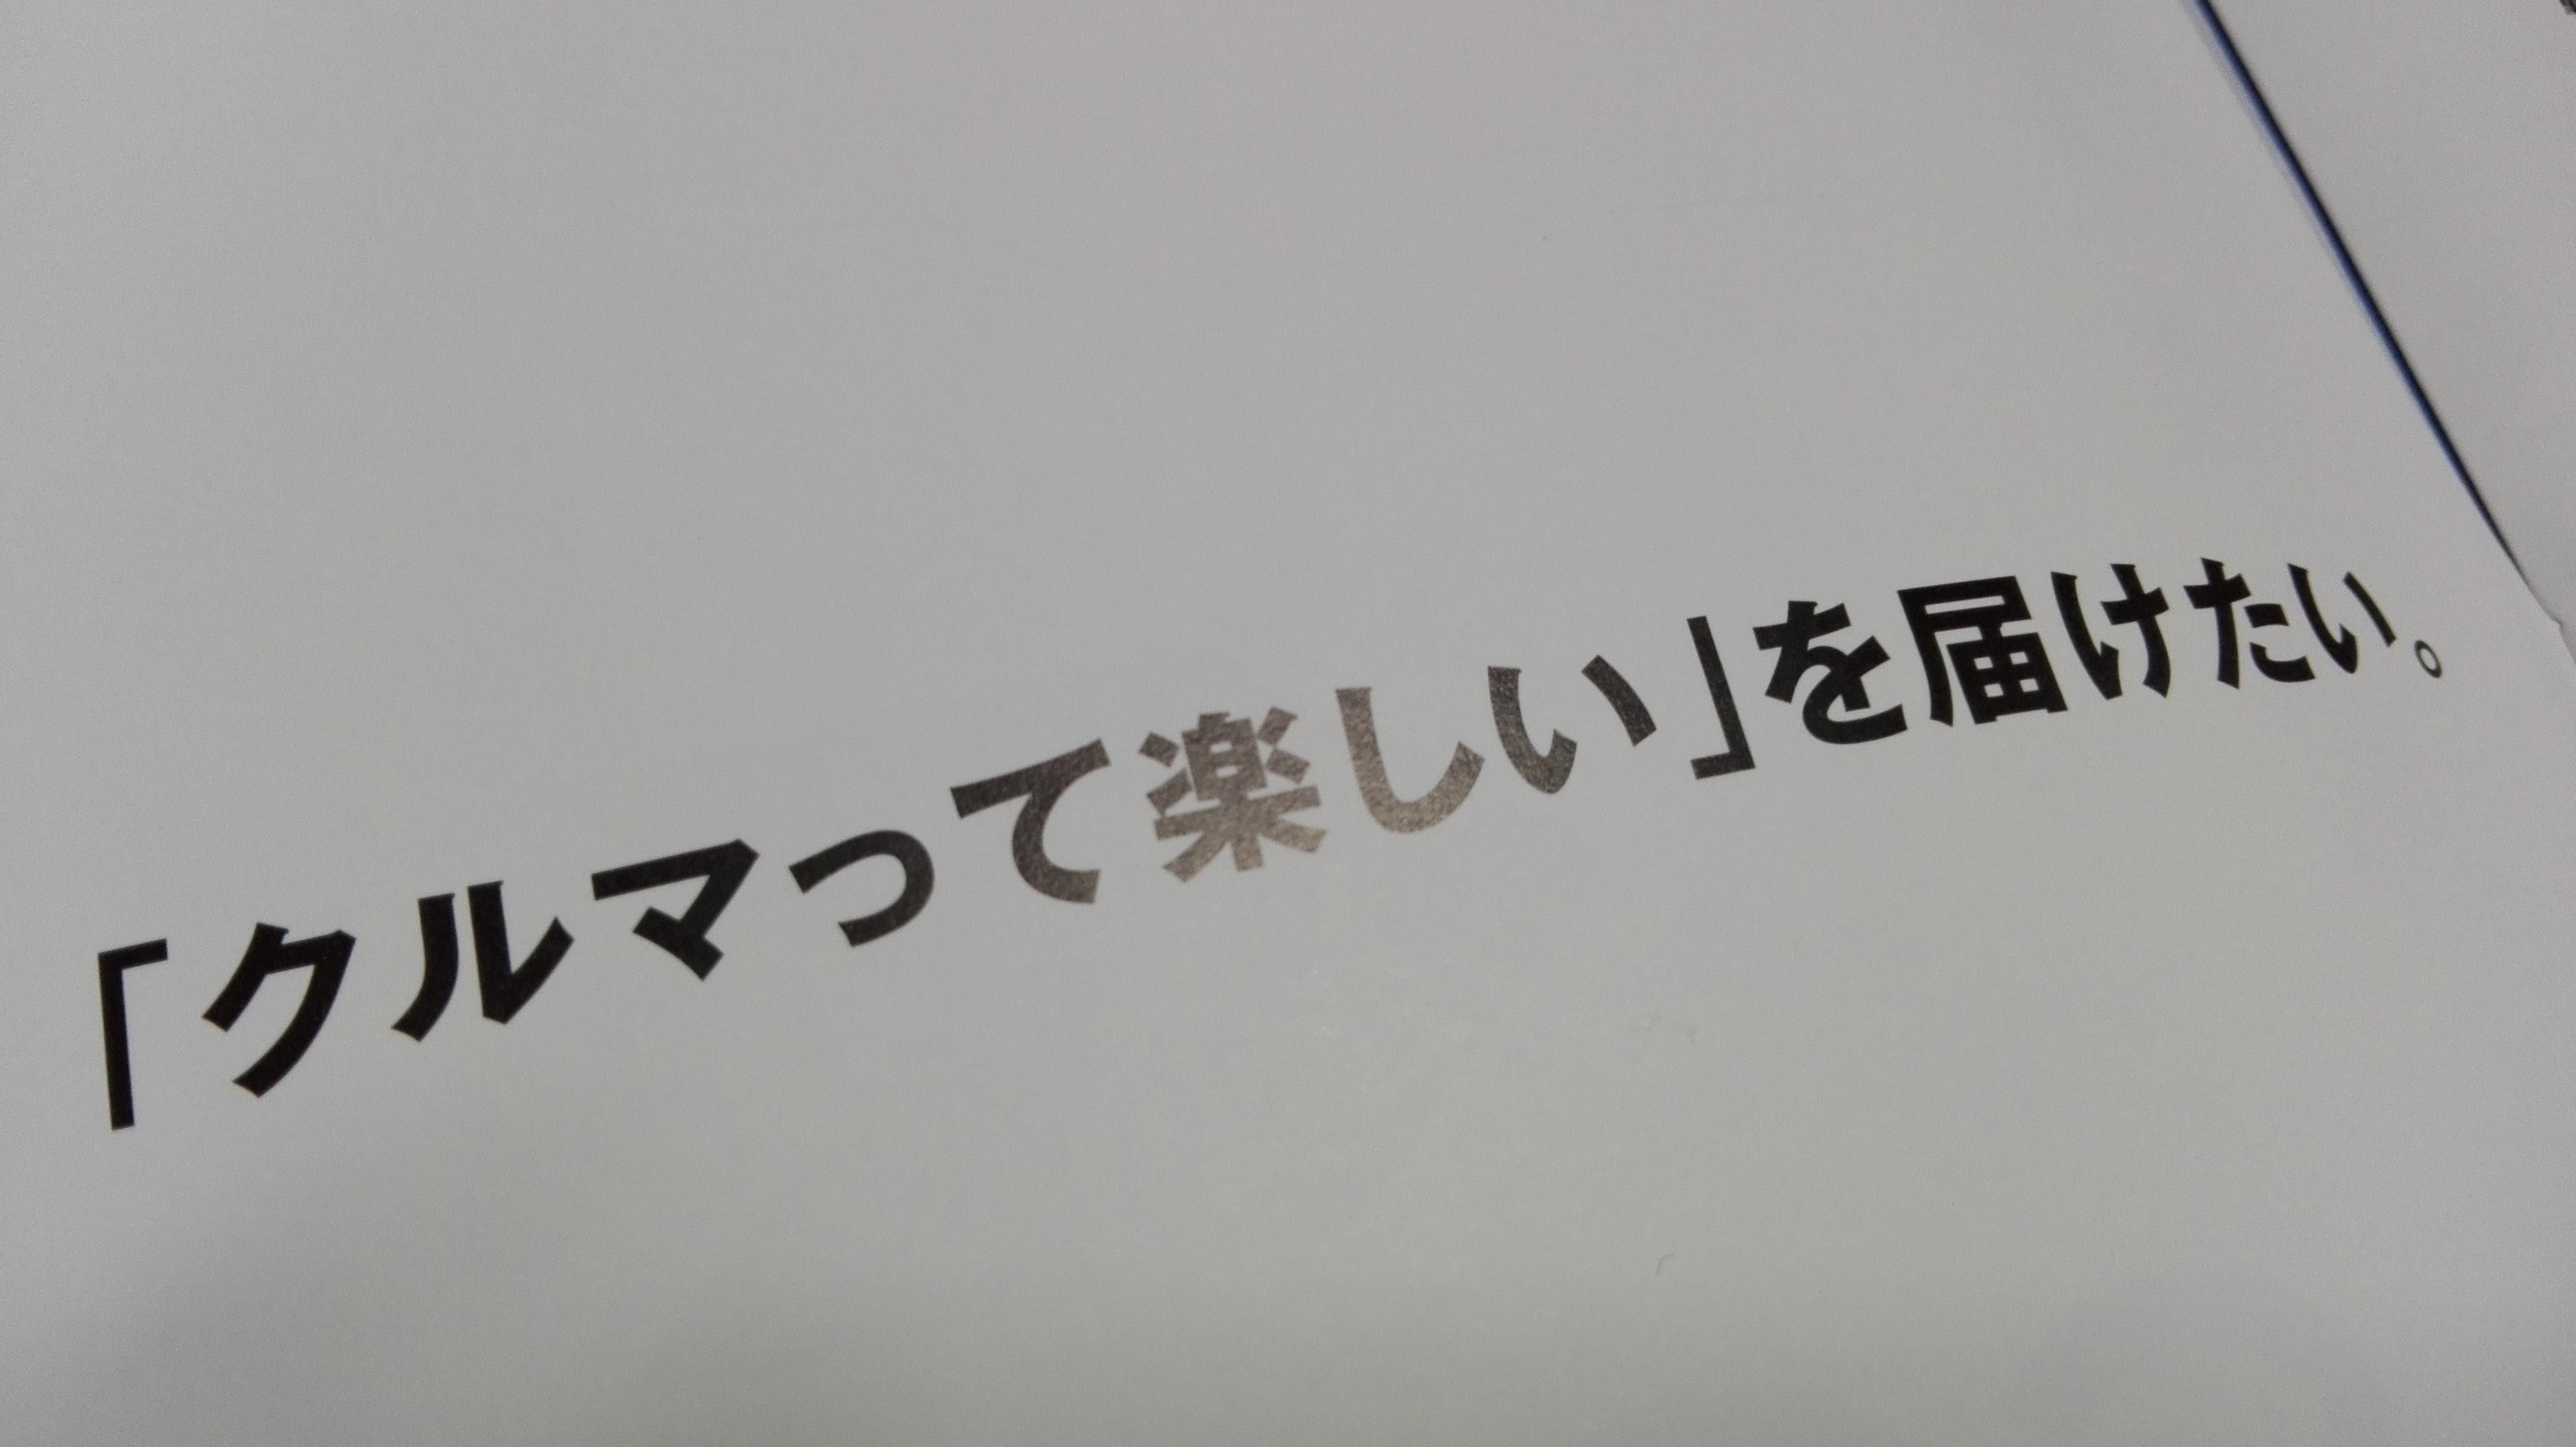 キャッチコピーおそるべし!